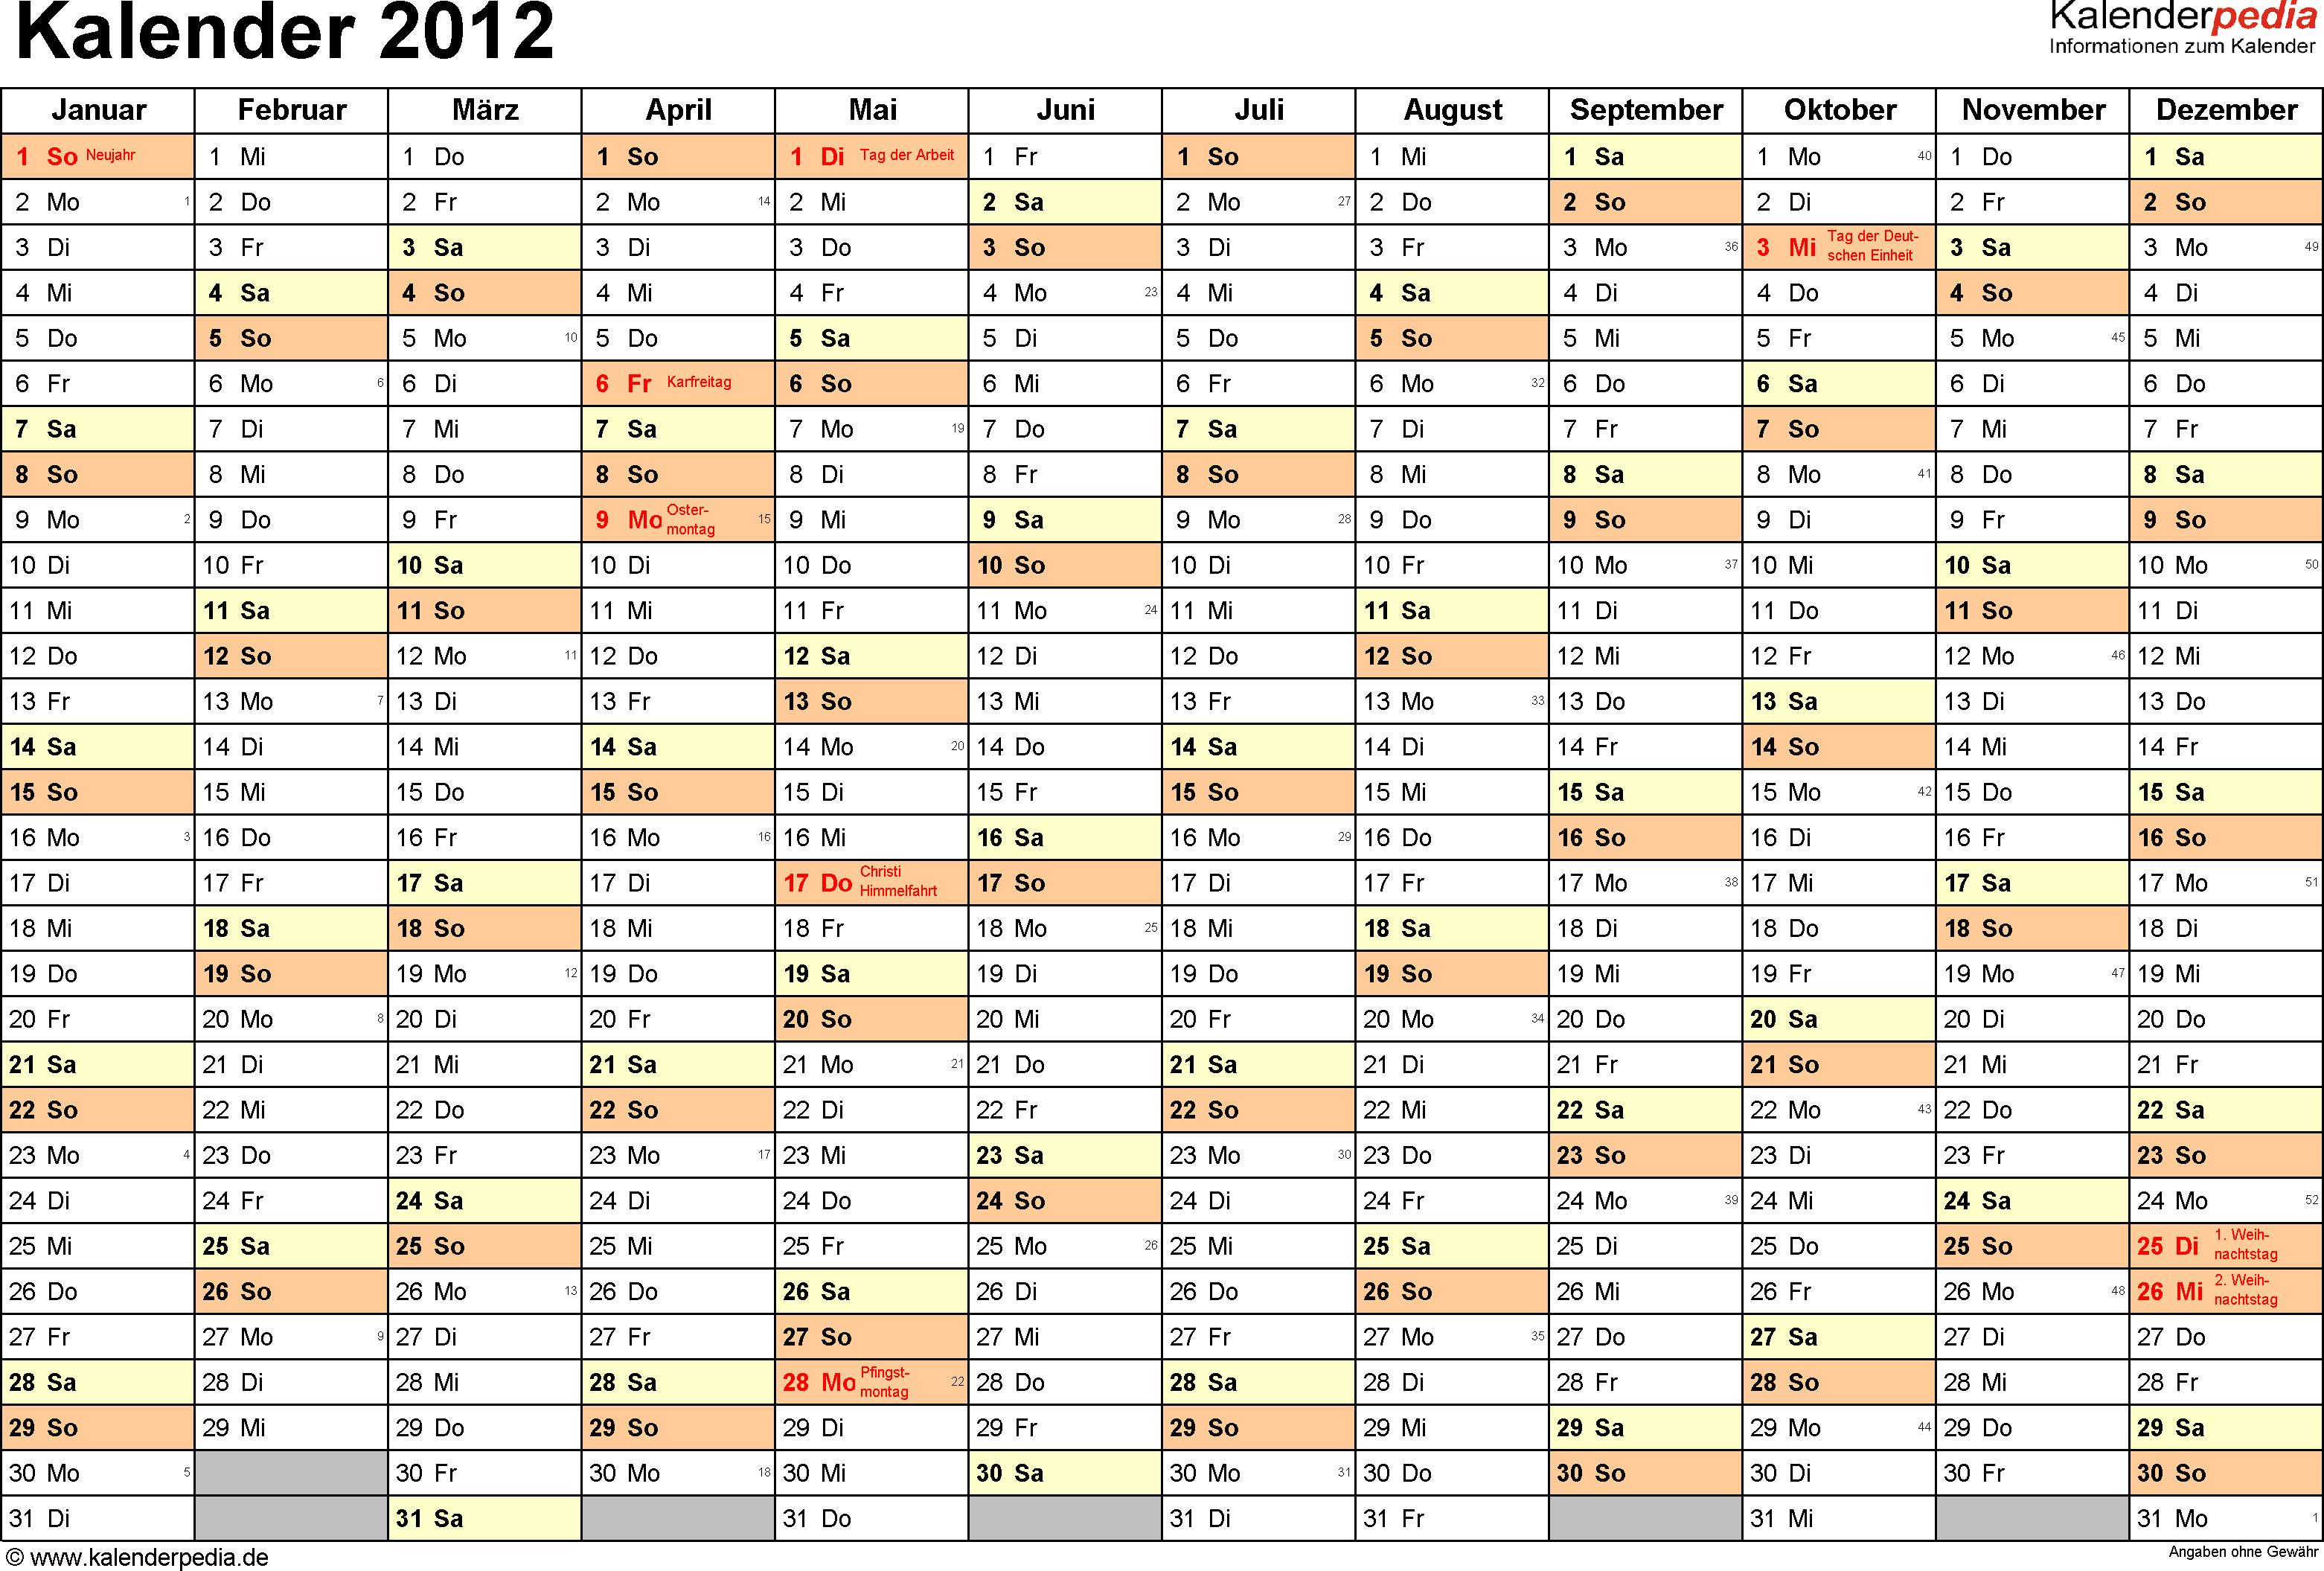 Vorlage 1: Jahreskalender 2012 als PDF-Vorlage, Querformat, DIN A4, 1 Seite, Monate nebeneinander, Tage untereinander, mit Feiertagen (ganz Deutschland) und Kalenderwochen 2012